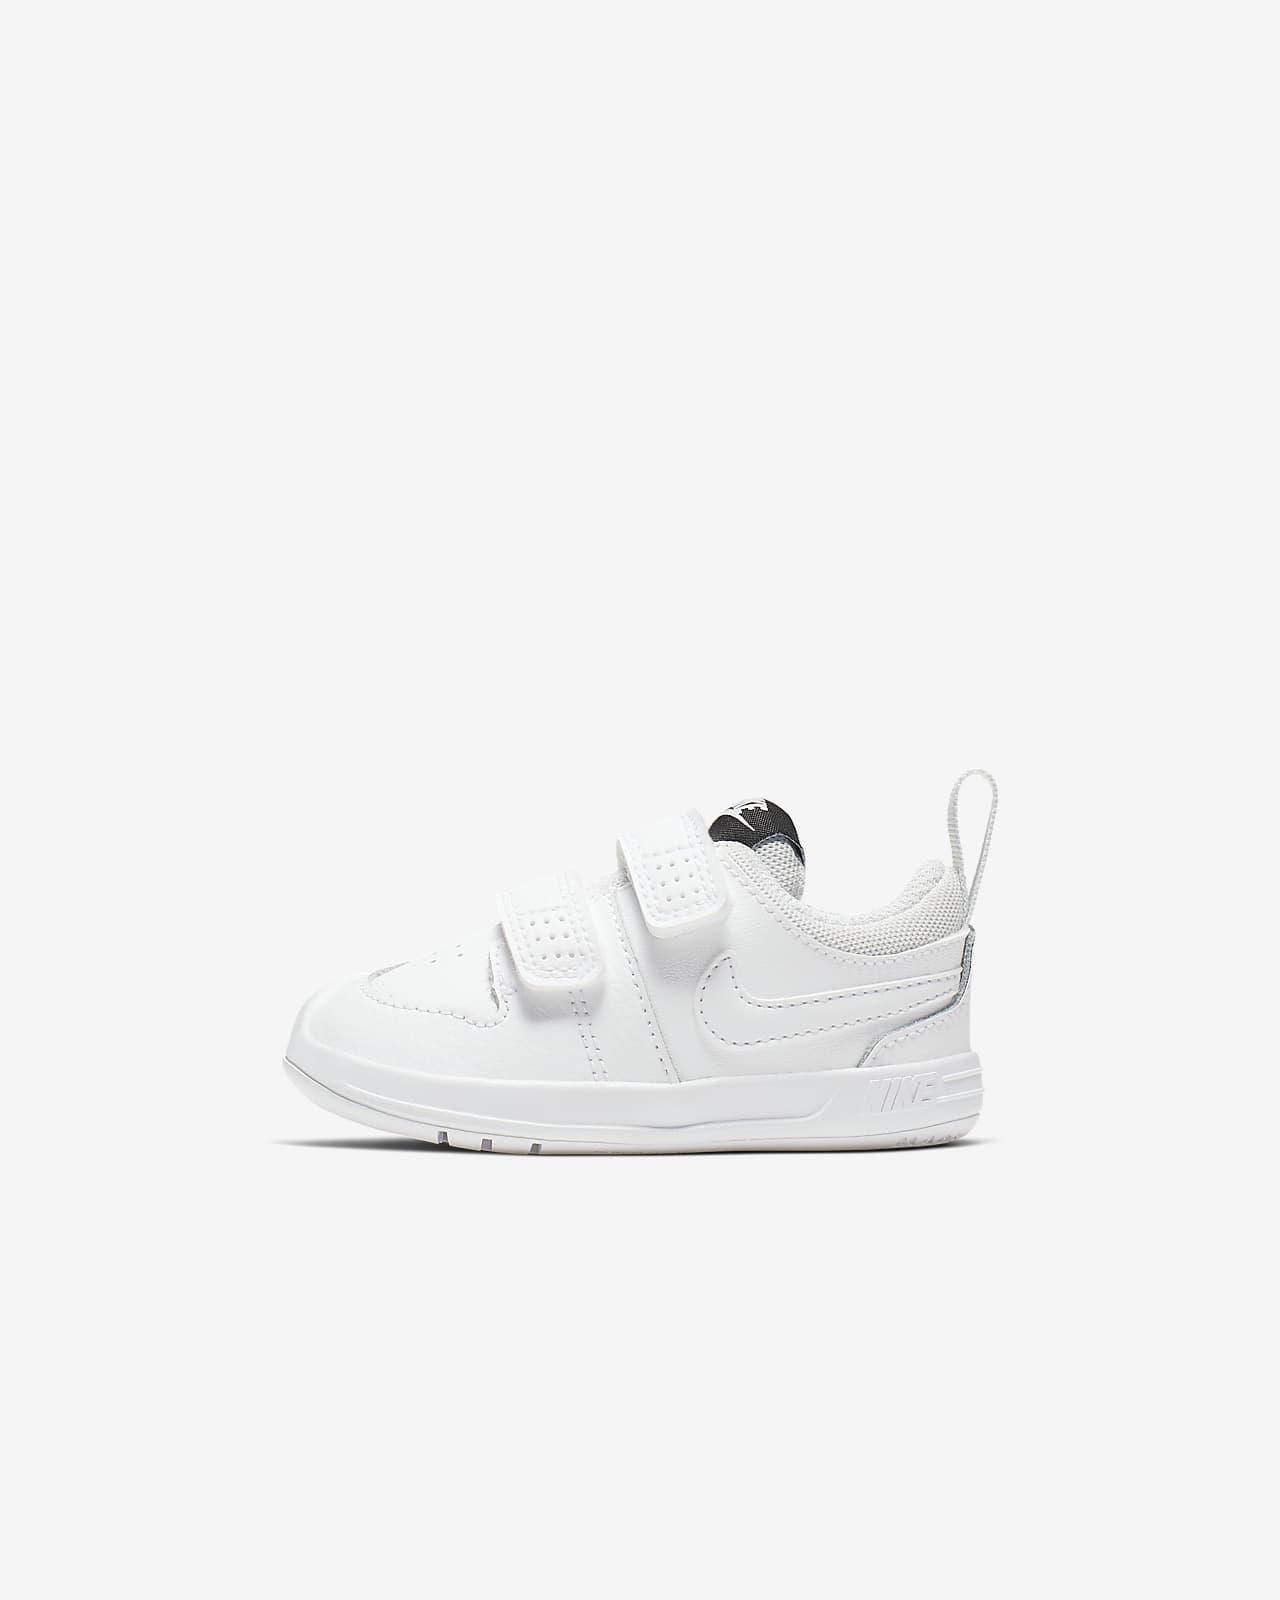 Chaussure Nike Pico 5 pour Bébé et Petit enfant. Nike LU